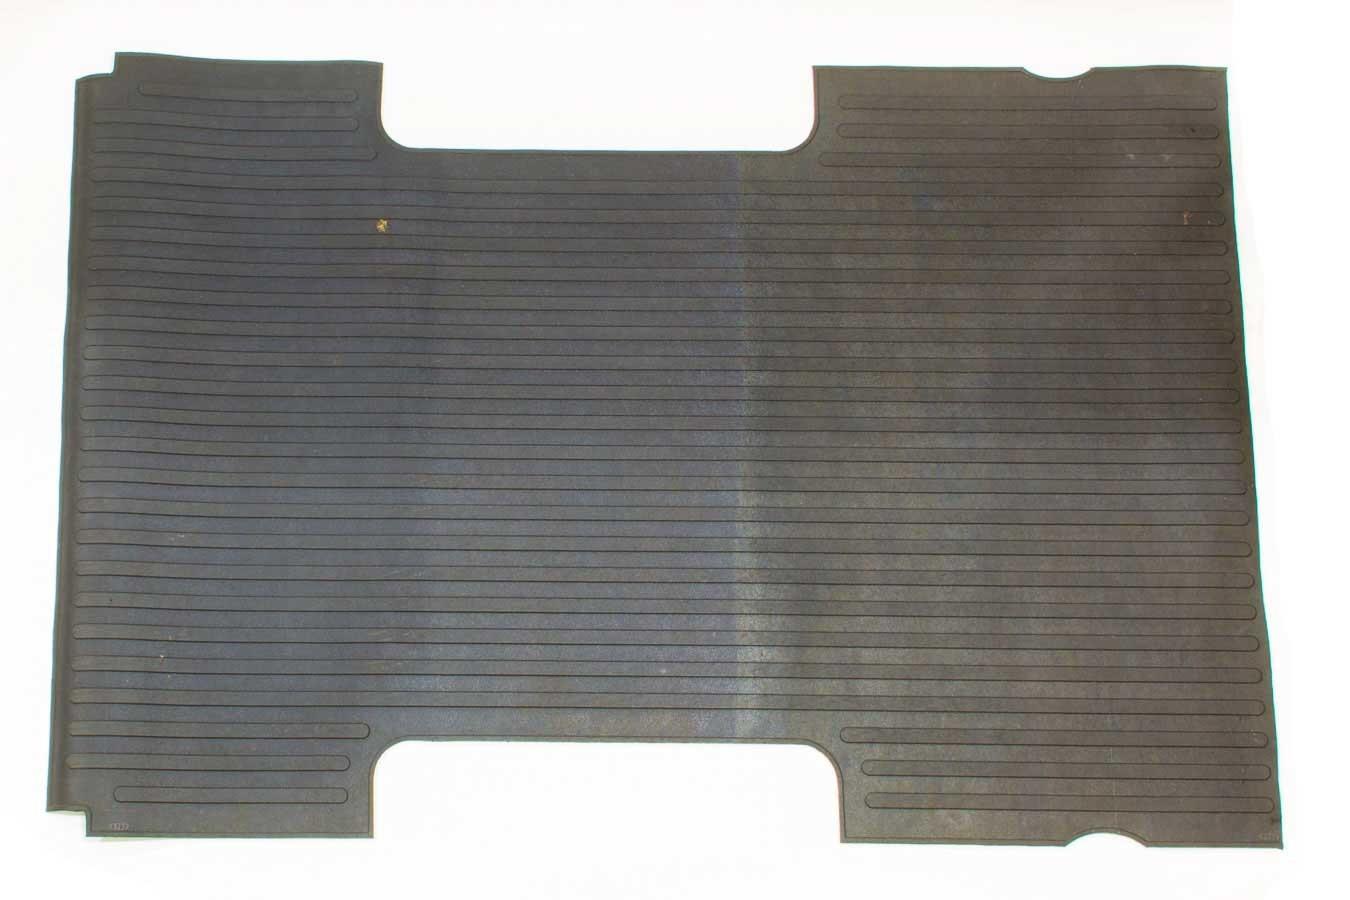 88-98 GM P/U LB Bed Mat